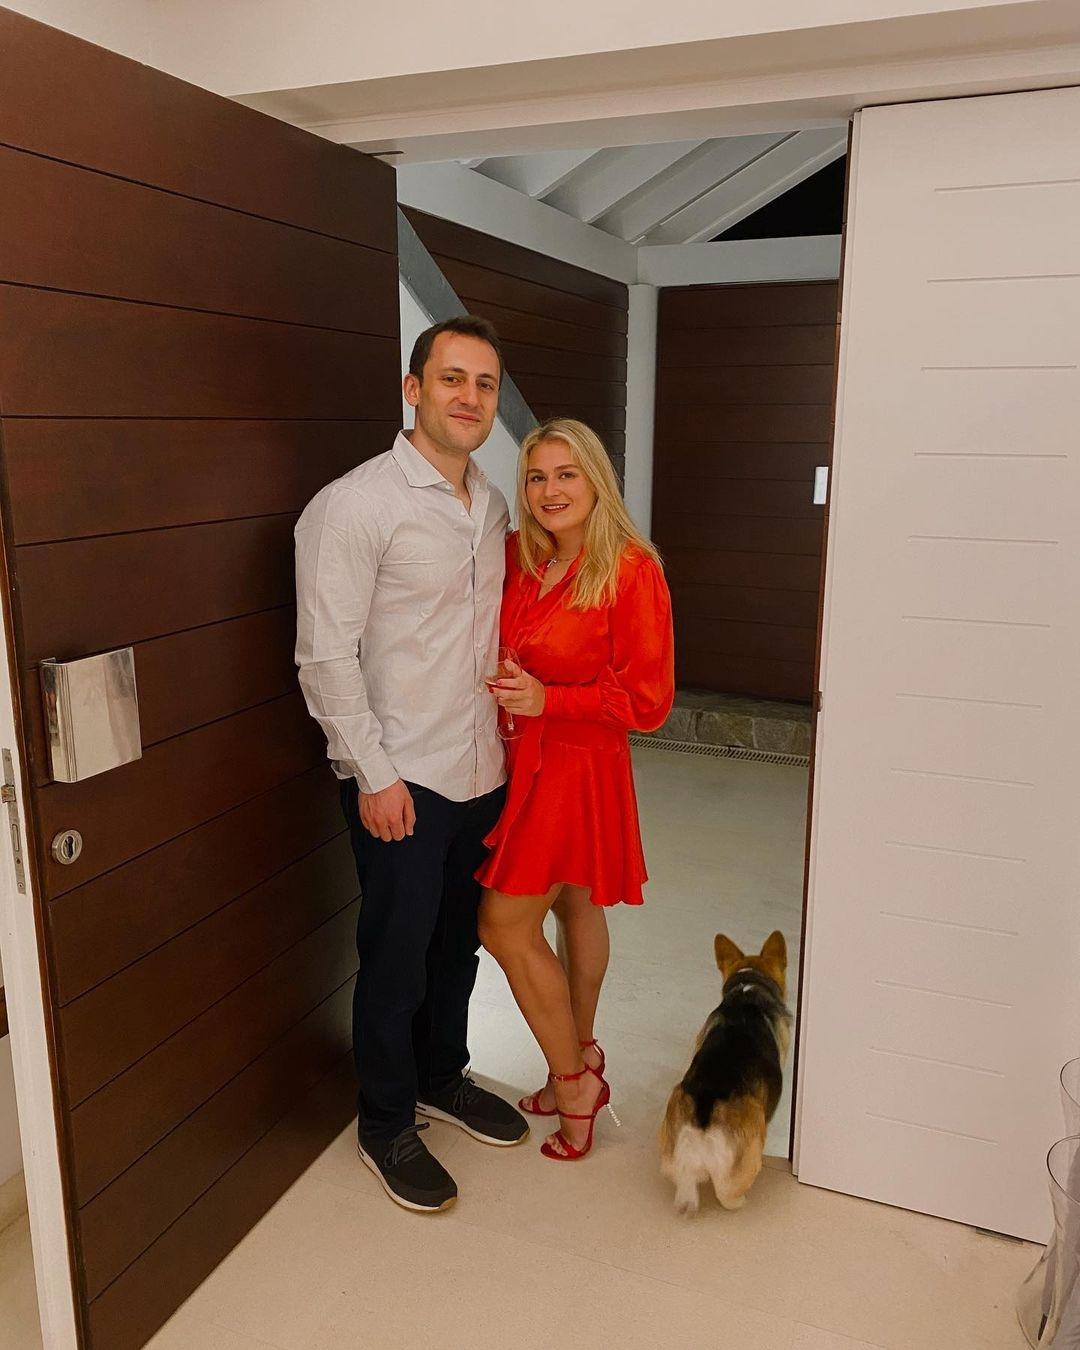 Официально: дочь бизнесмена Романа Абрамовича Софья выходит замуж - фото №3